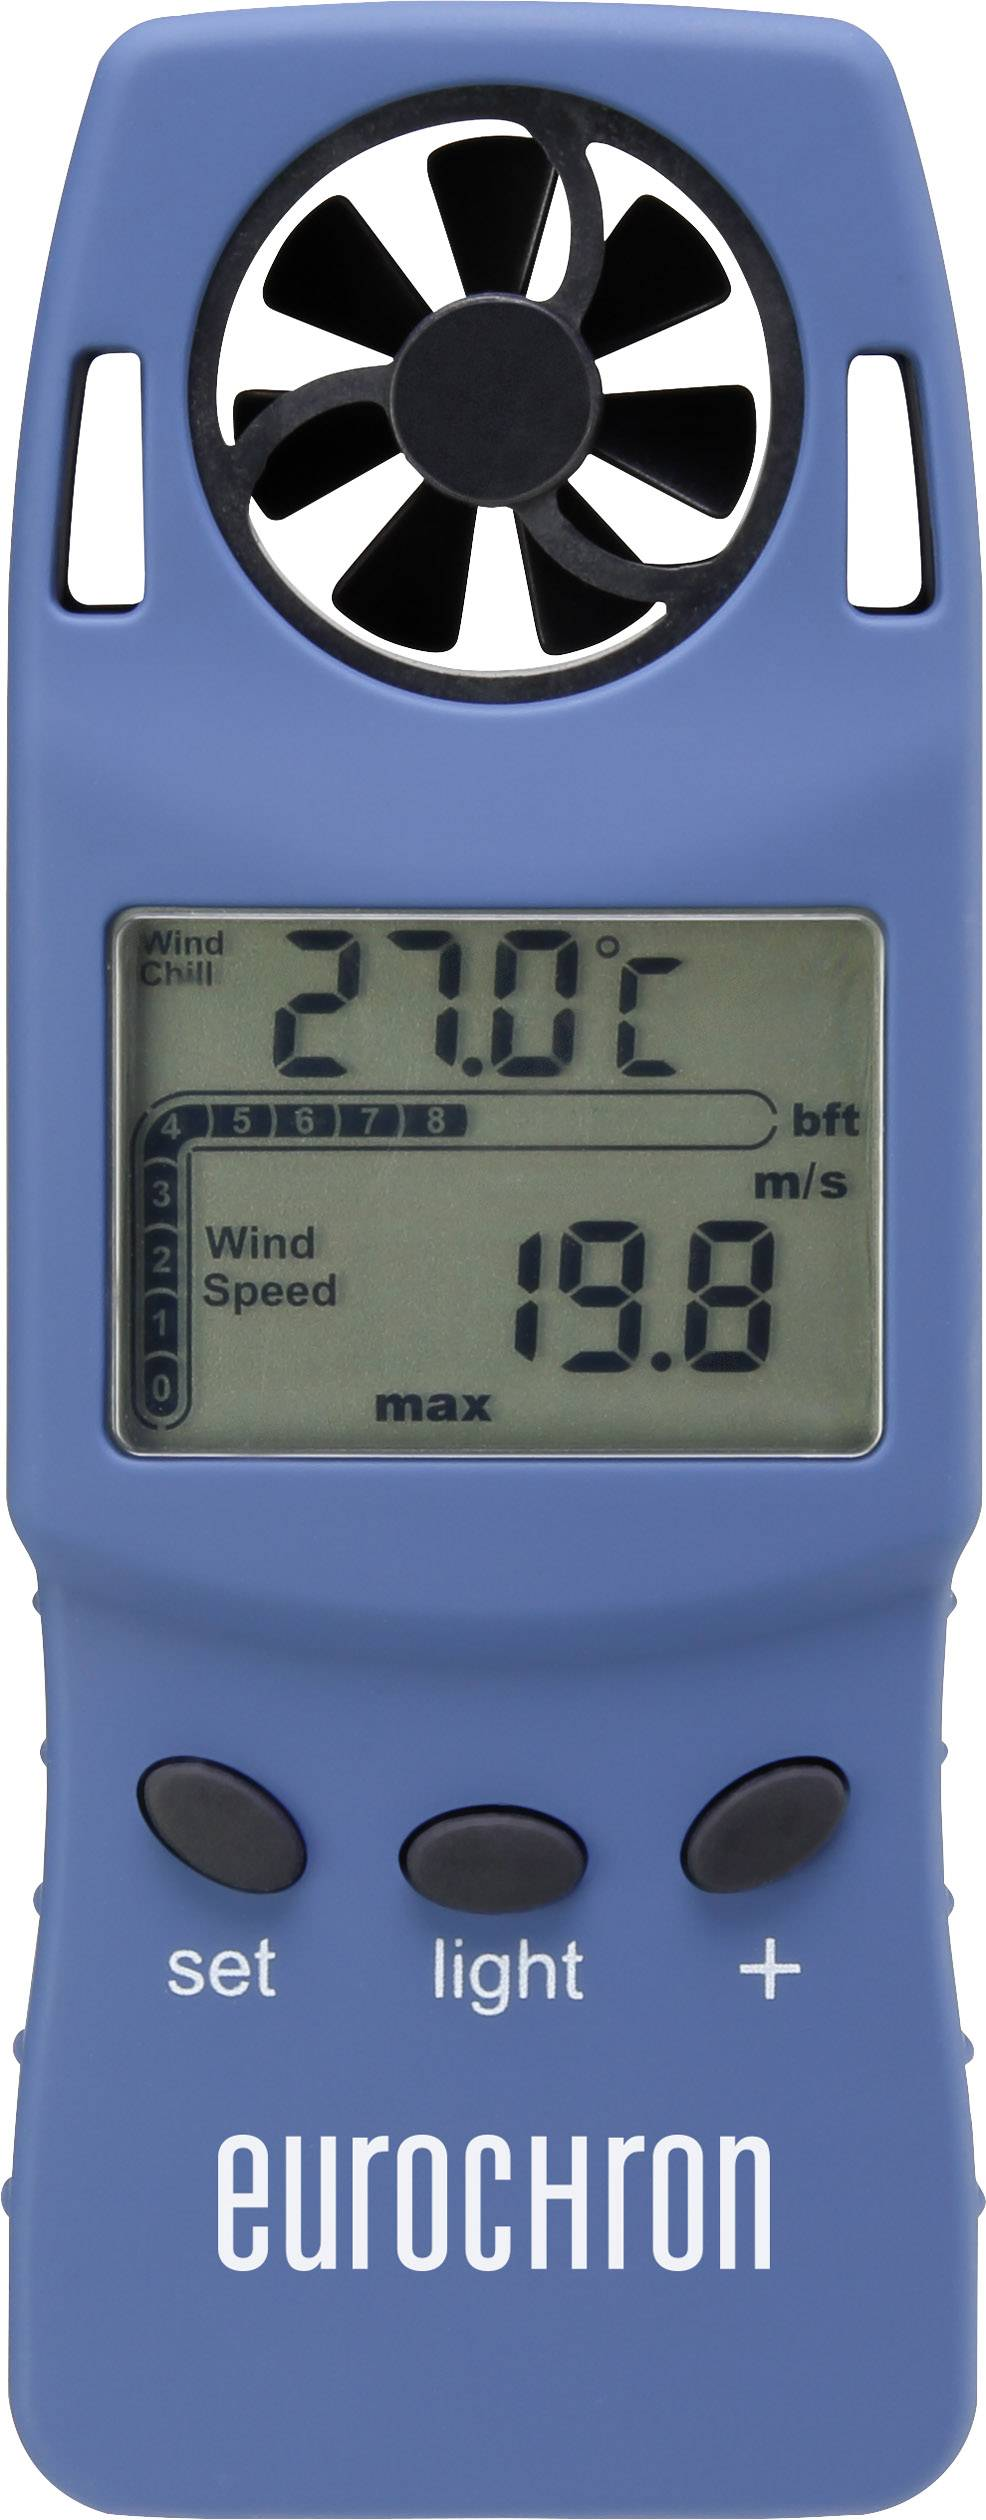 Anemometer Eurochron WS4003